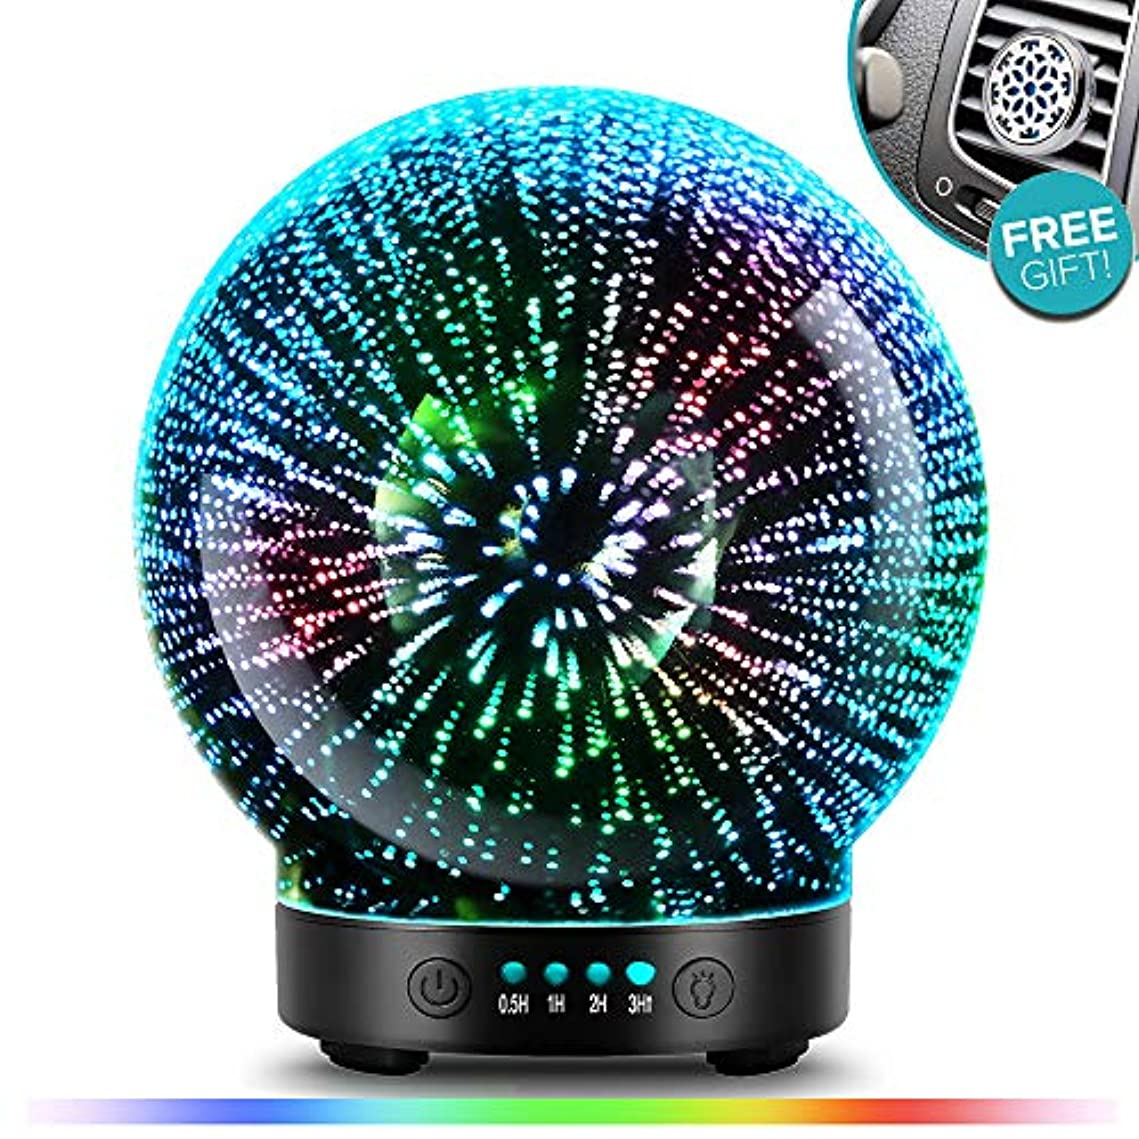 大統領勇気言うまでもなくPOBEES 3グラスアロマエッセンシャルオイルディフューザー - 最新バージョン 香り オイル加湿器7 花火 テーマプレミアム超音波ミスト自動オフ安全スイッチカーベントクリップカラー照明モードを主導